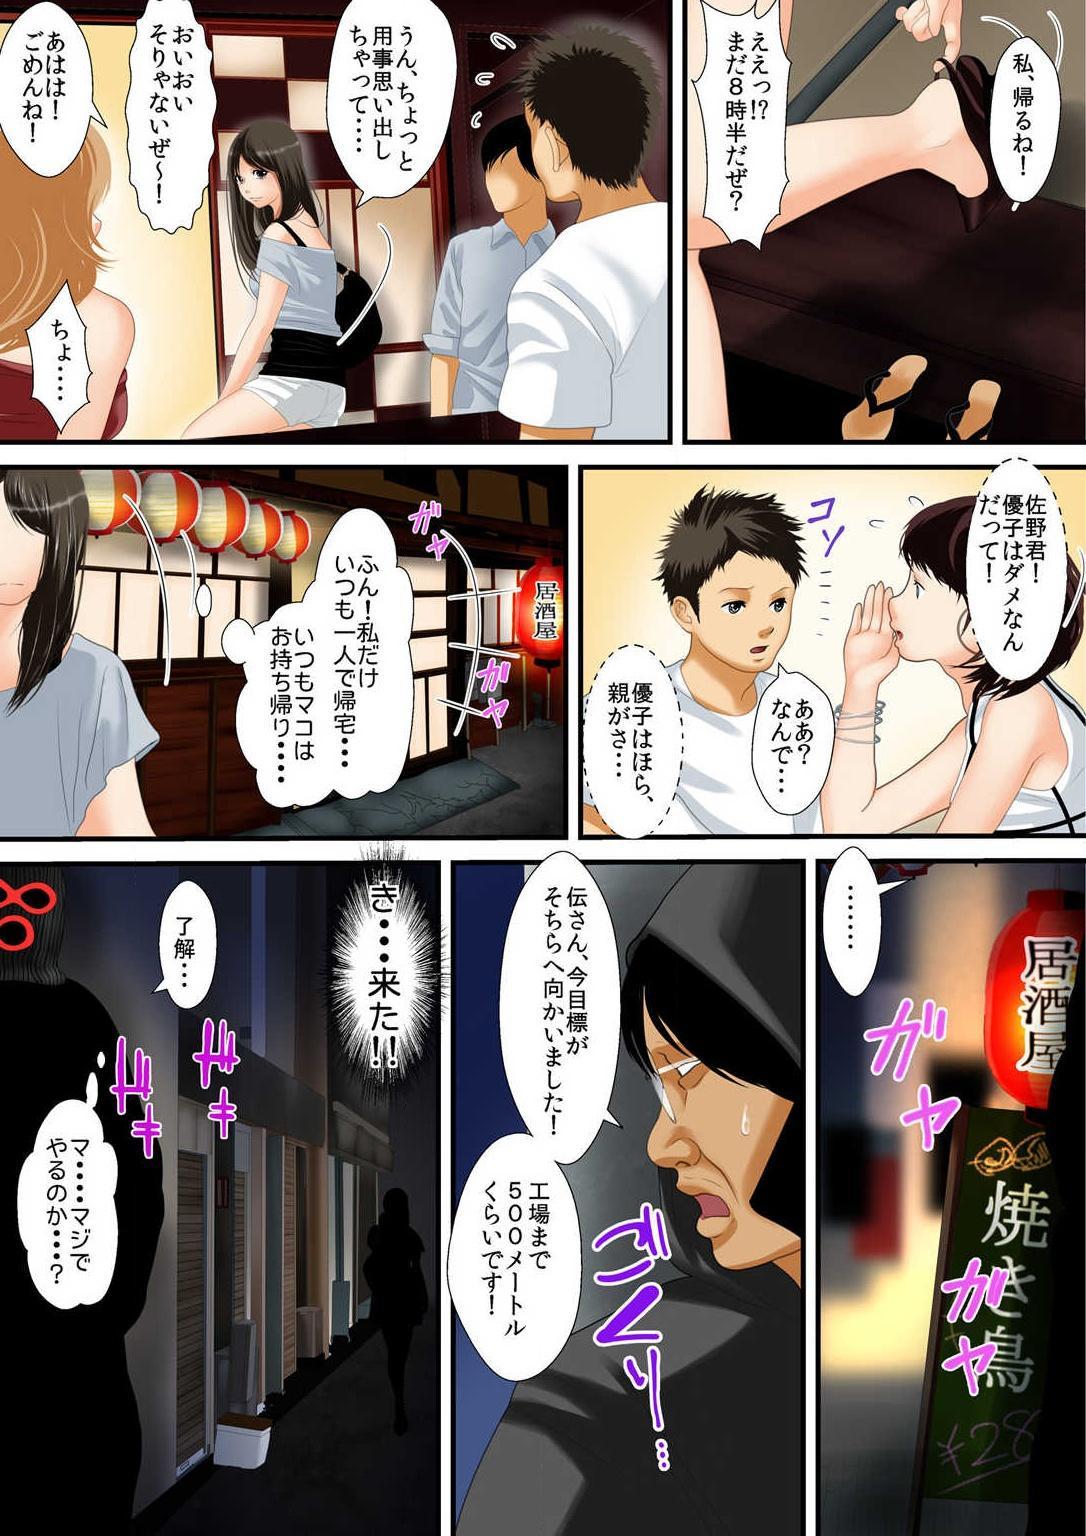 Zetsurin Oyaji ga Joshiryou de ~Sonna ni Dashitara Ninshin shichau!! 1 83